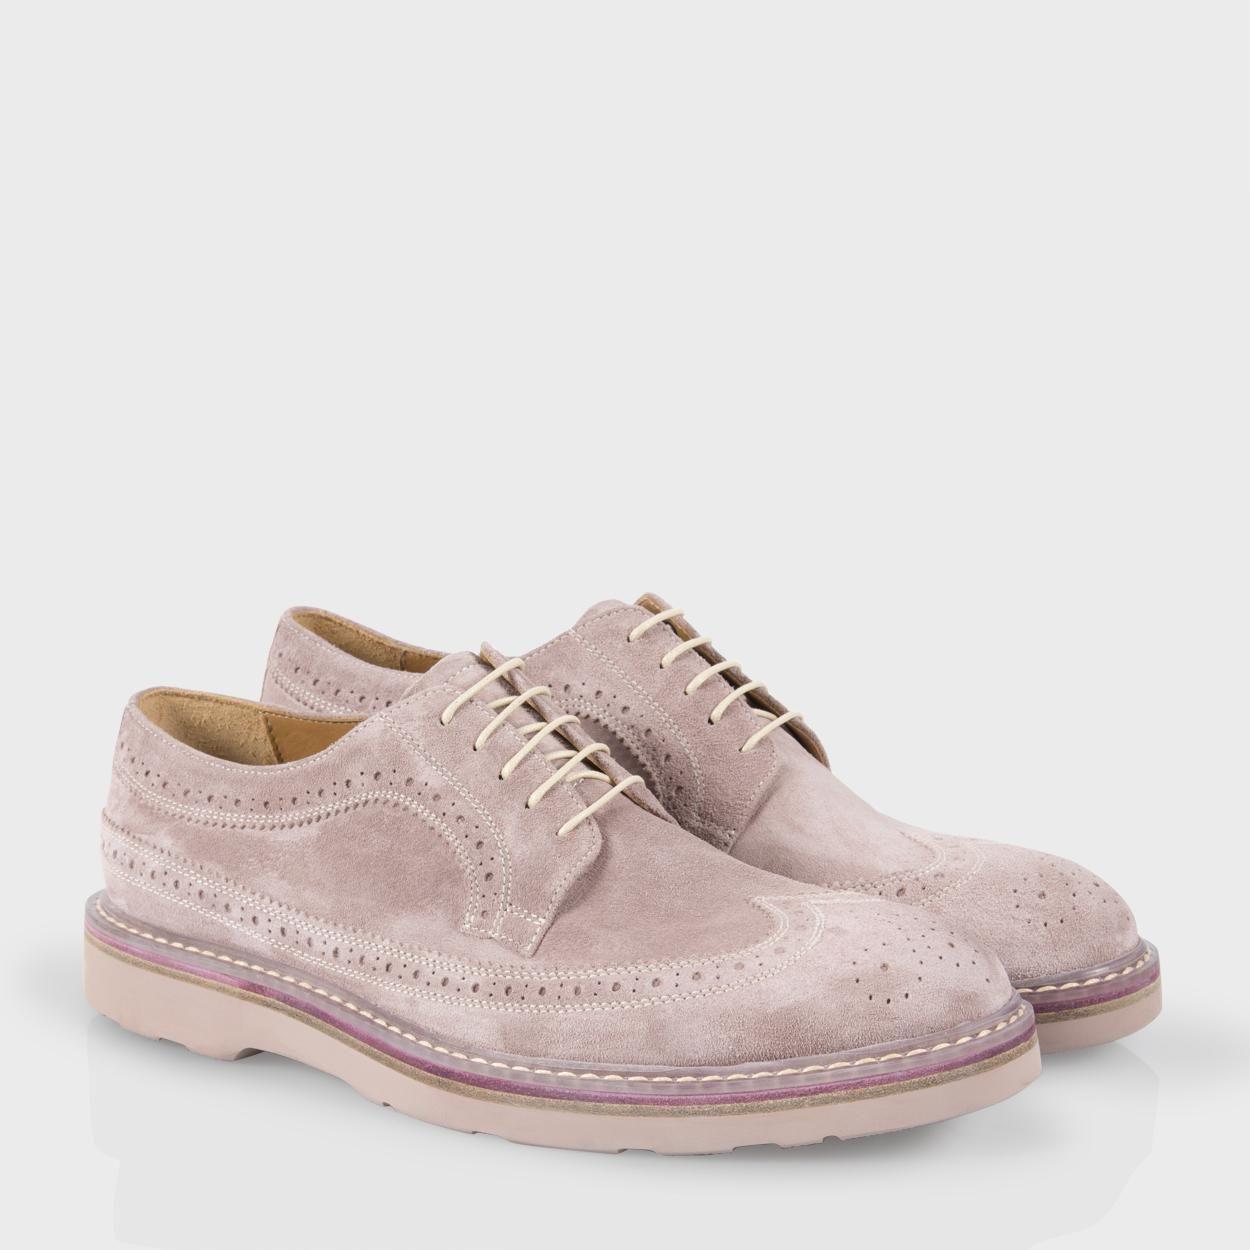 Paul smith mens shoes, Mens designer shoes